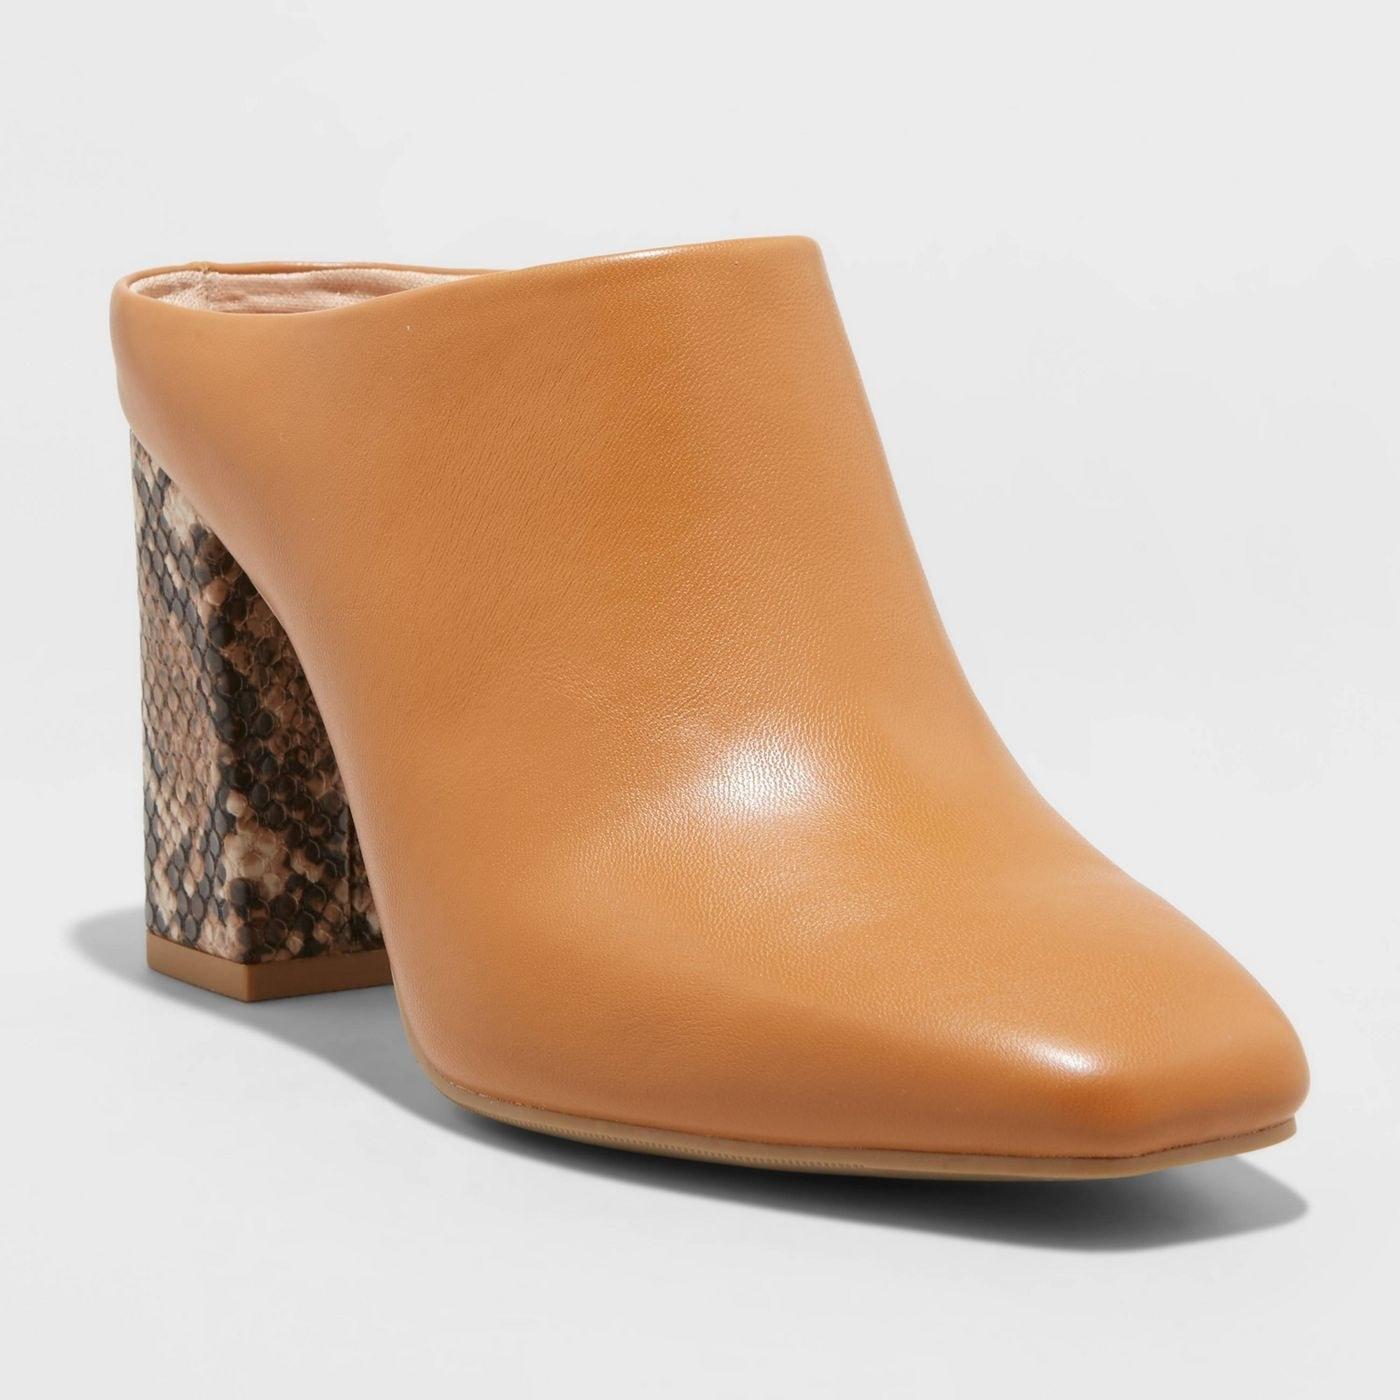 the light brown mule with brown snakeskin print heel